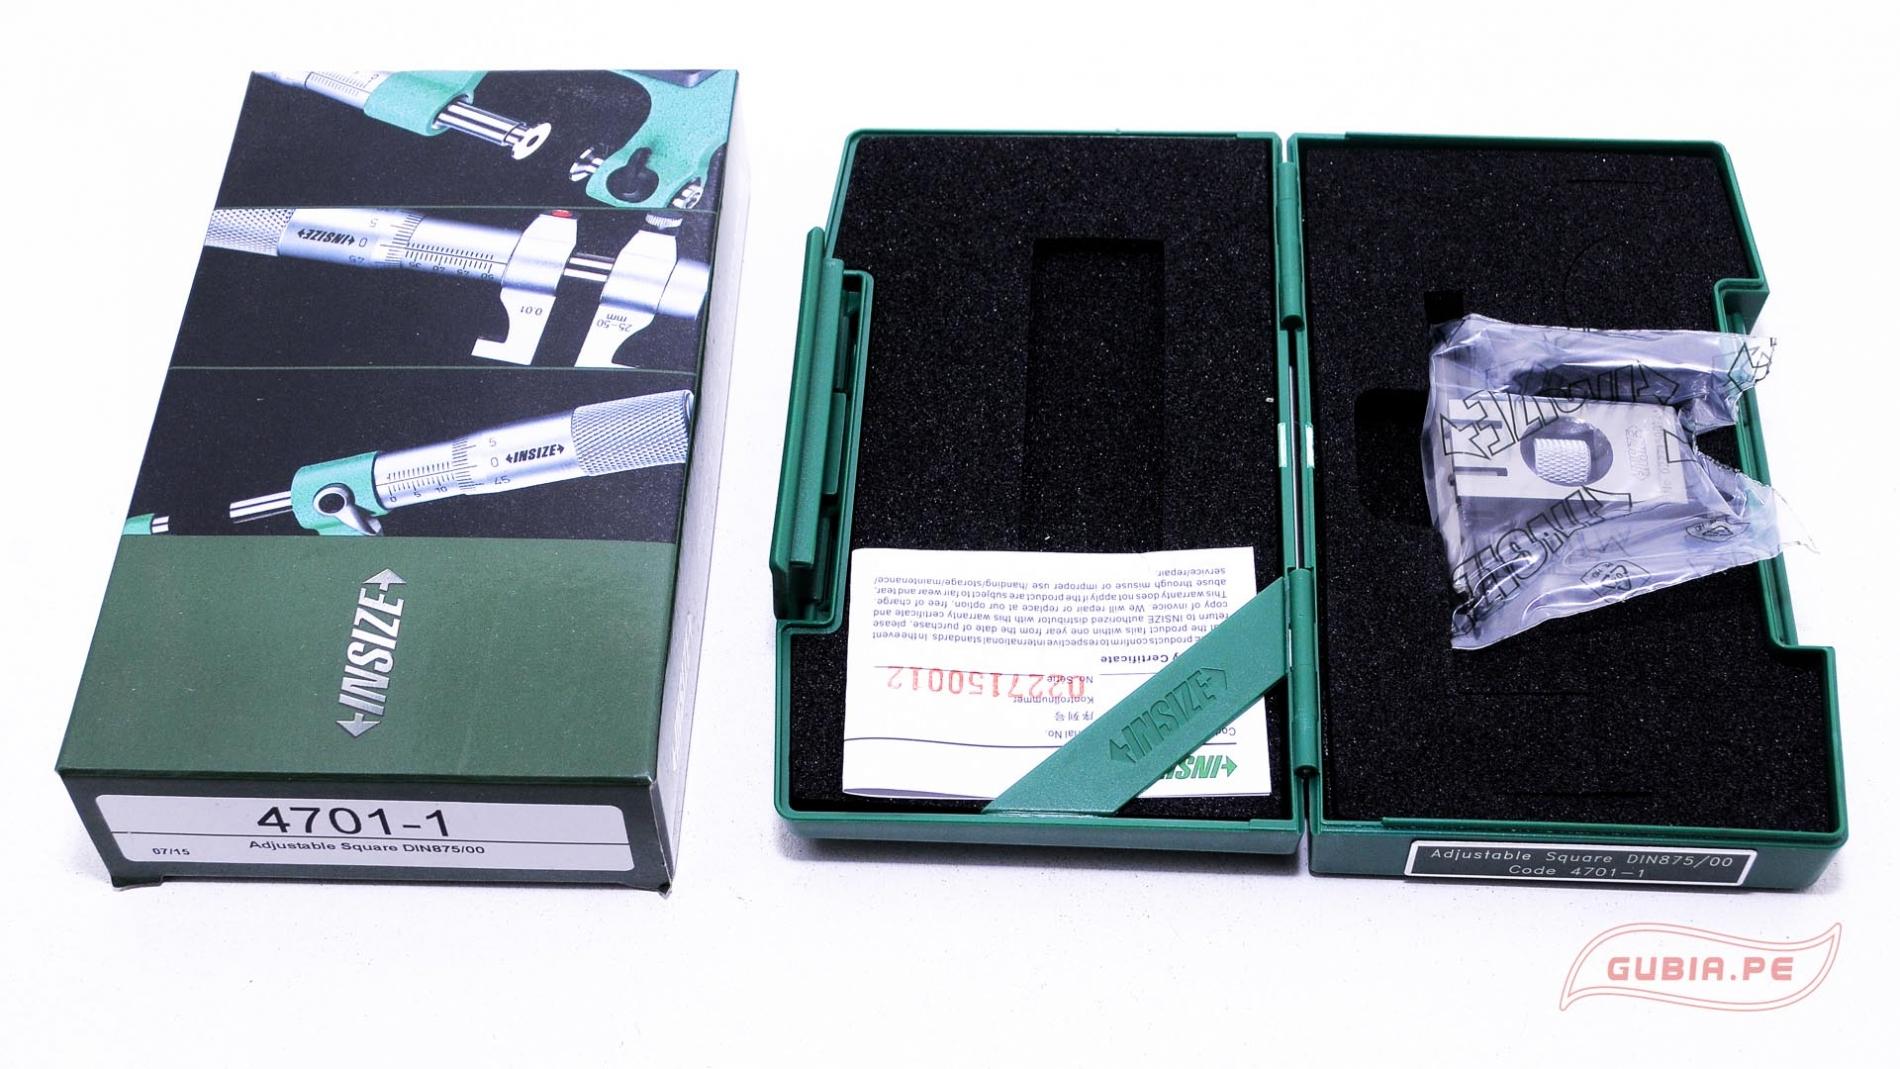 4701-01-Escuadrita ajustable y precisa medir angulo recto uniones caja 6x38 mm INSIZE 4701-01-max-10.